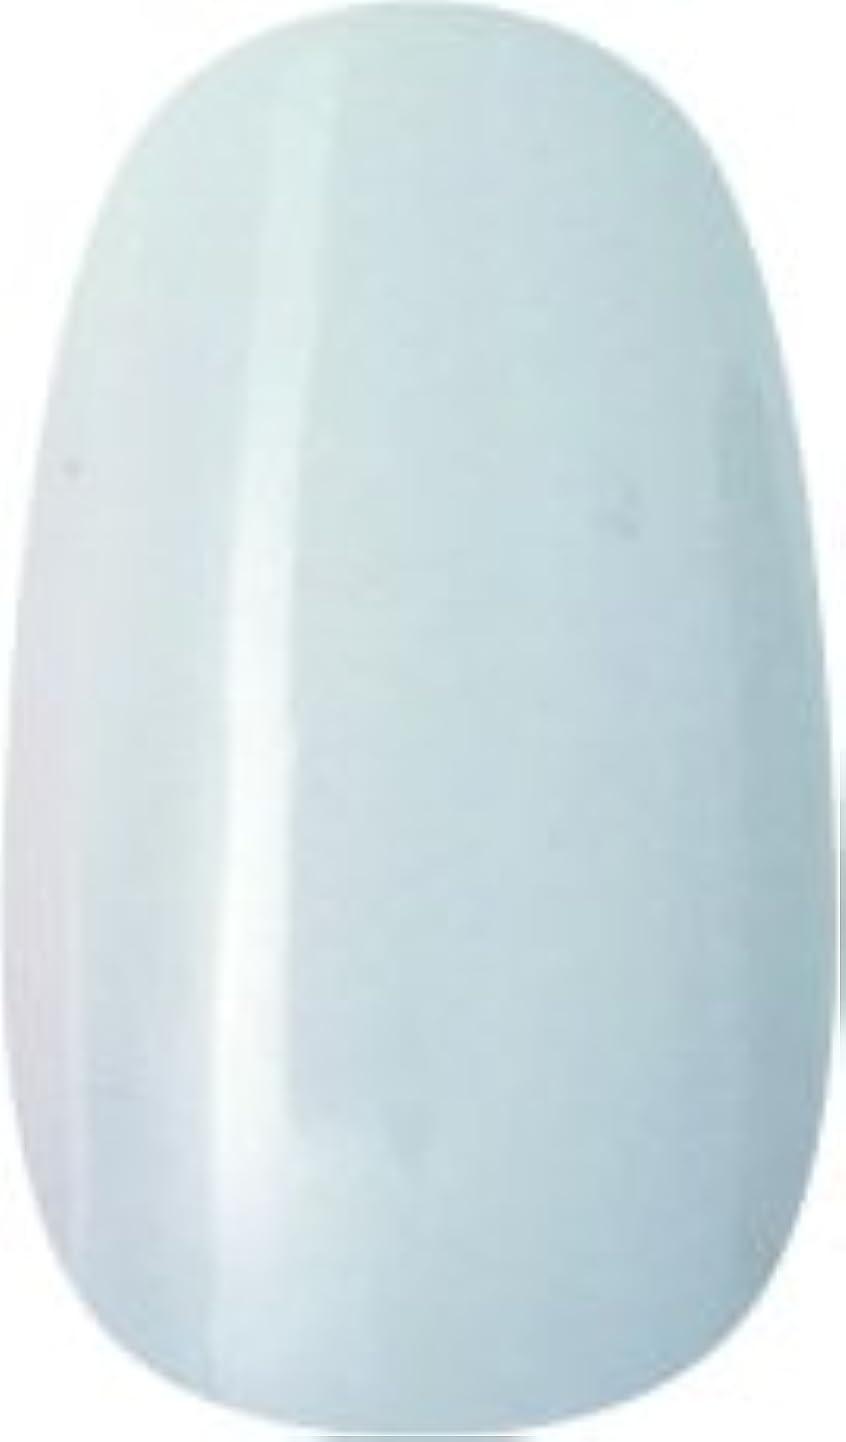 ラク カラージェル(67-アイスホワイト)8g 今話題のラクジェル 素早く仕上カラージェル 抜群の発色とツヤ 国産ポリッシュタイプ オールインワン ワンステップジェルネイル RAKU COLOR GEL #67